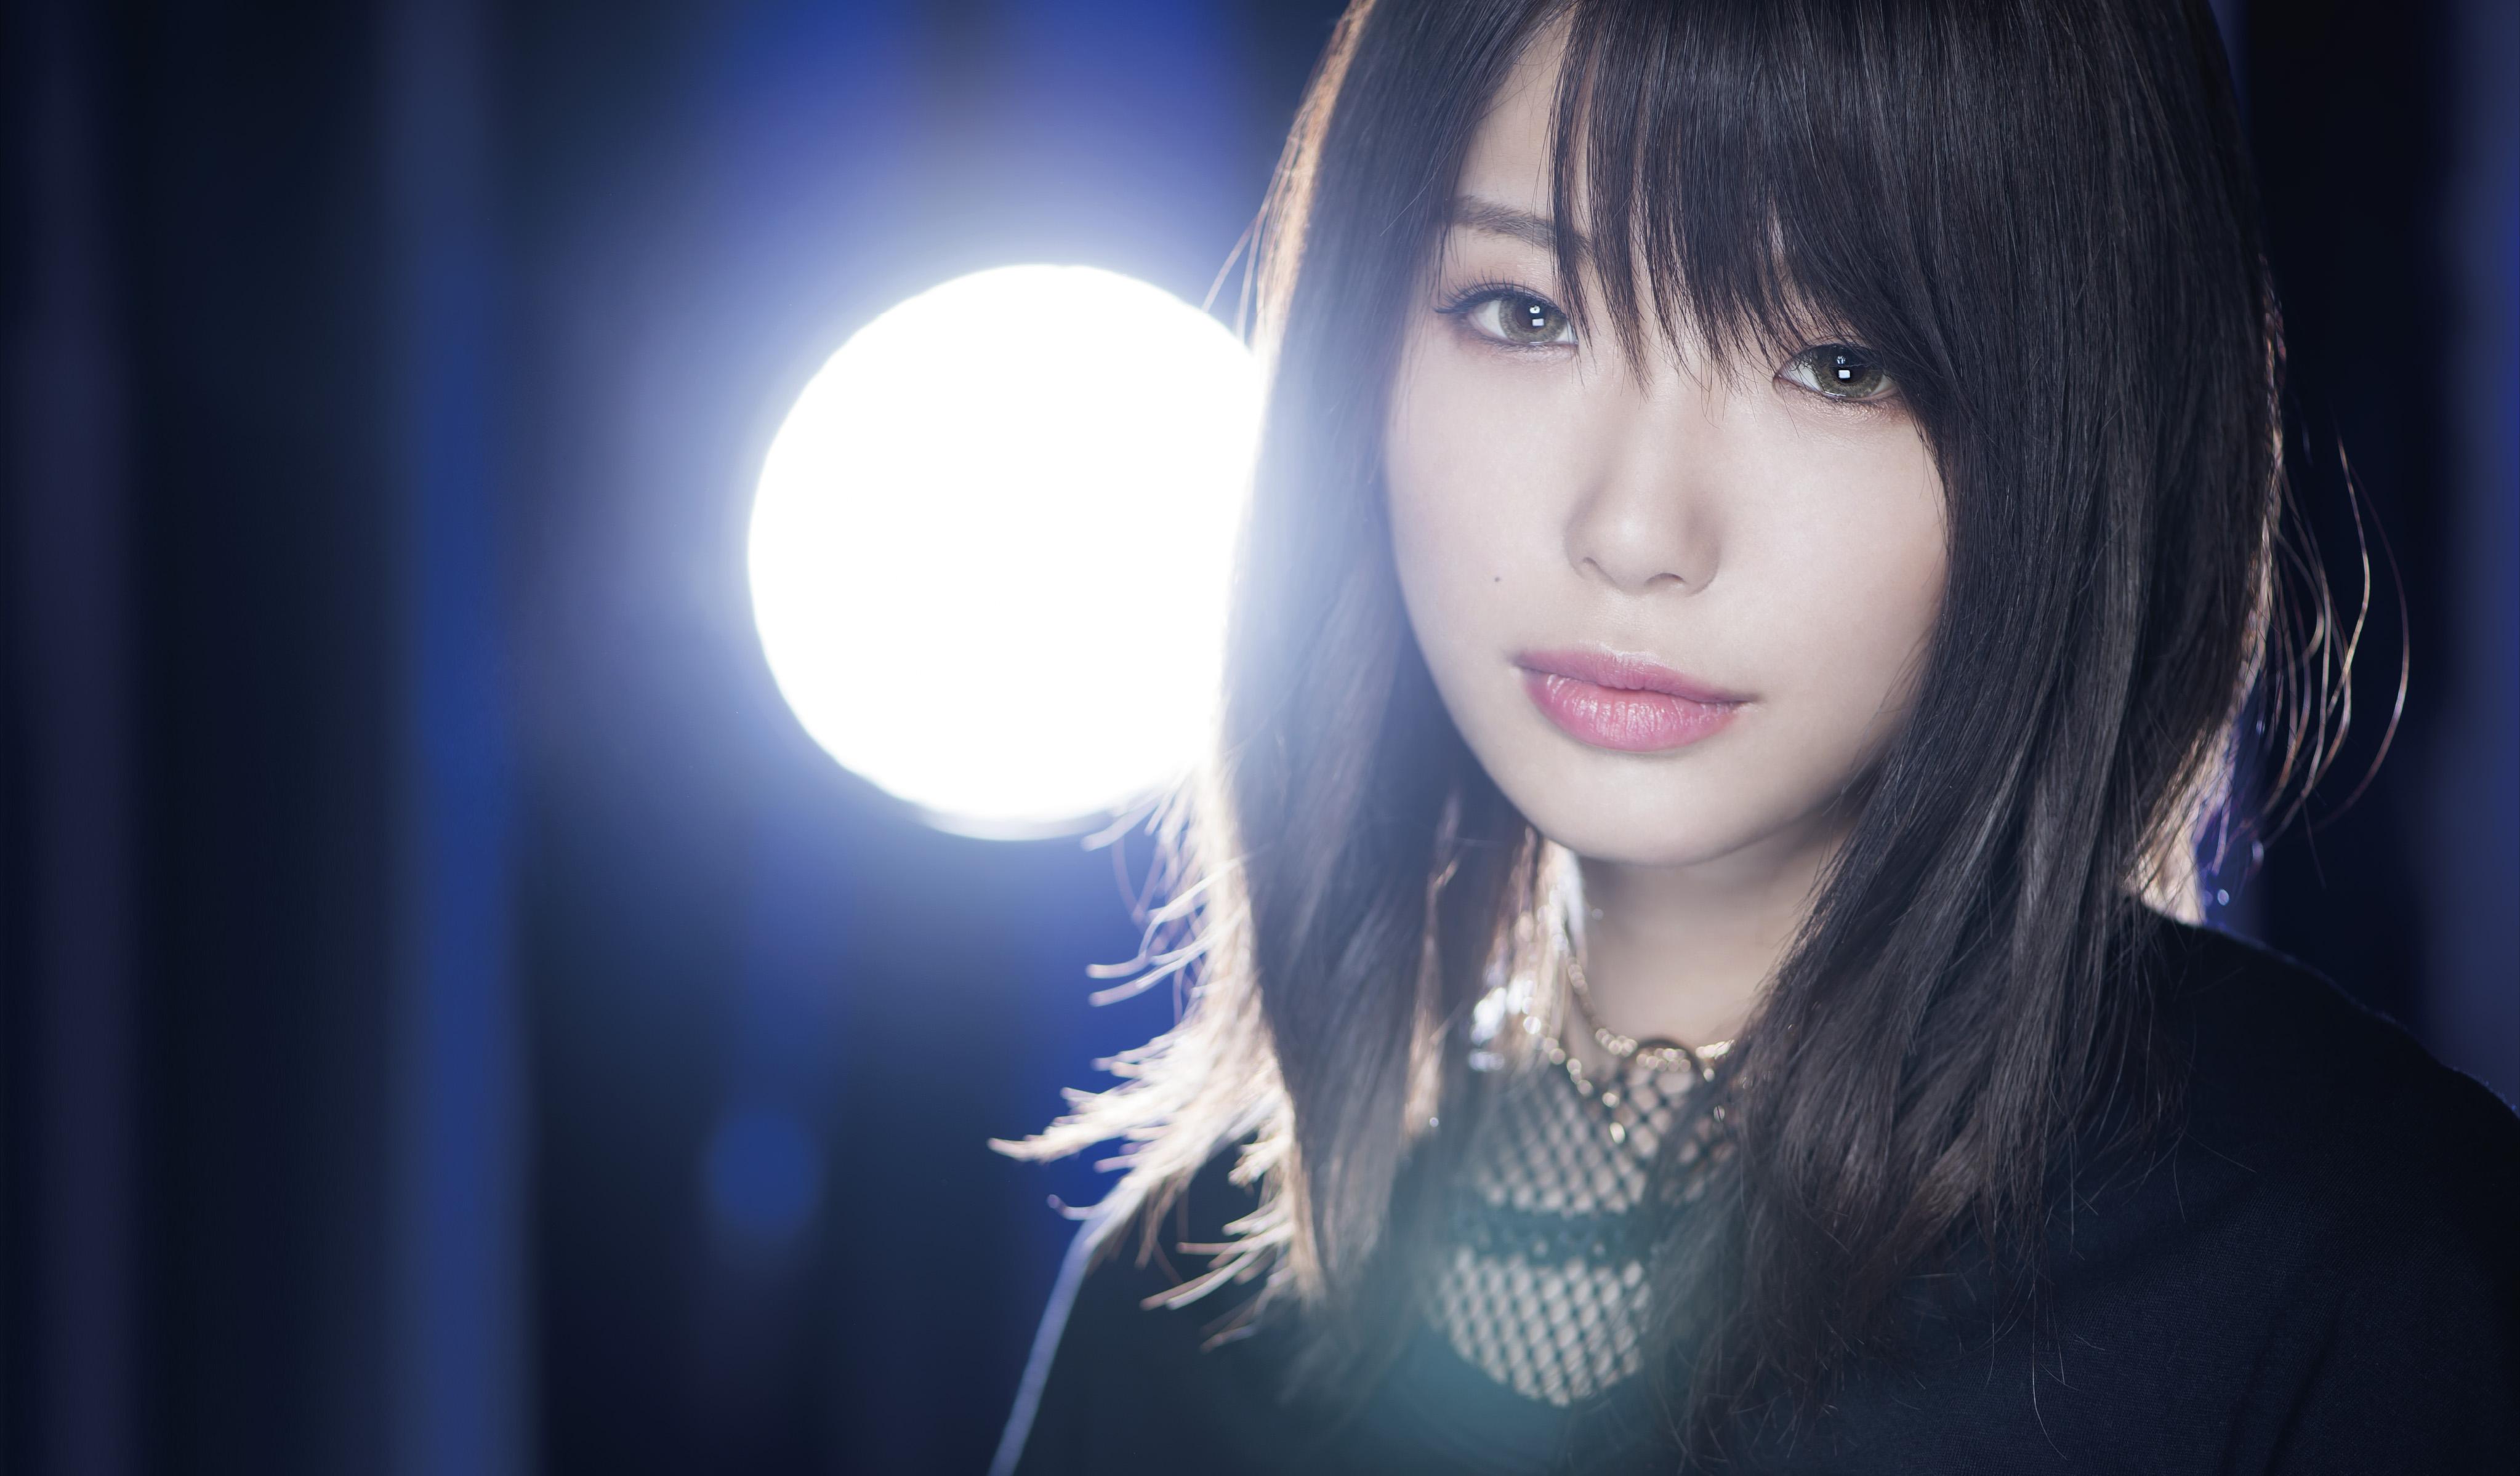 ガールズロックシーンNEXTブレイク最有力株!!Lily's Blow 新曲「This Life」がパンクラスLIVEテーマソングに決定!!